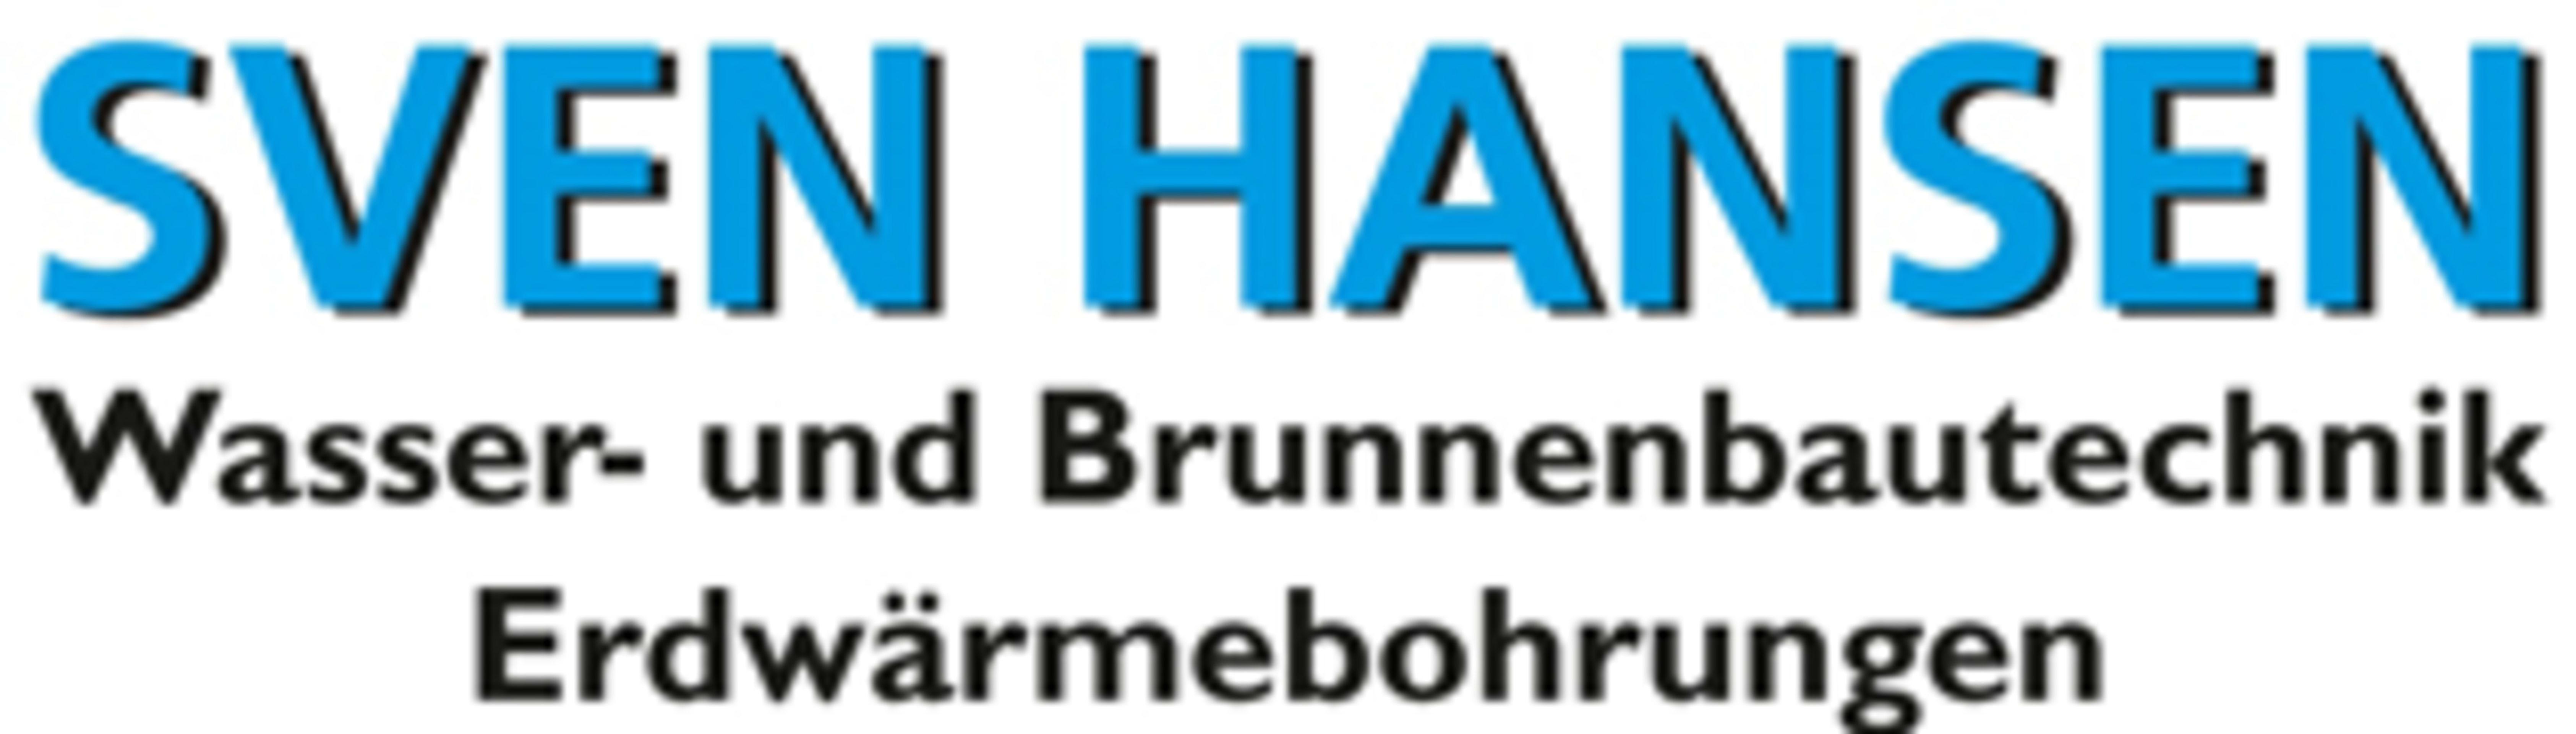 logo Sven Hansen Wasser- und Brunnenbautechnik